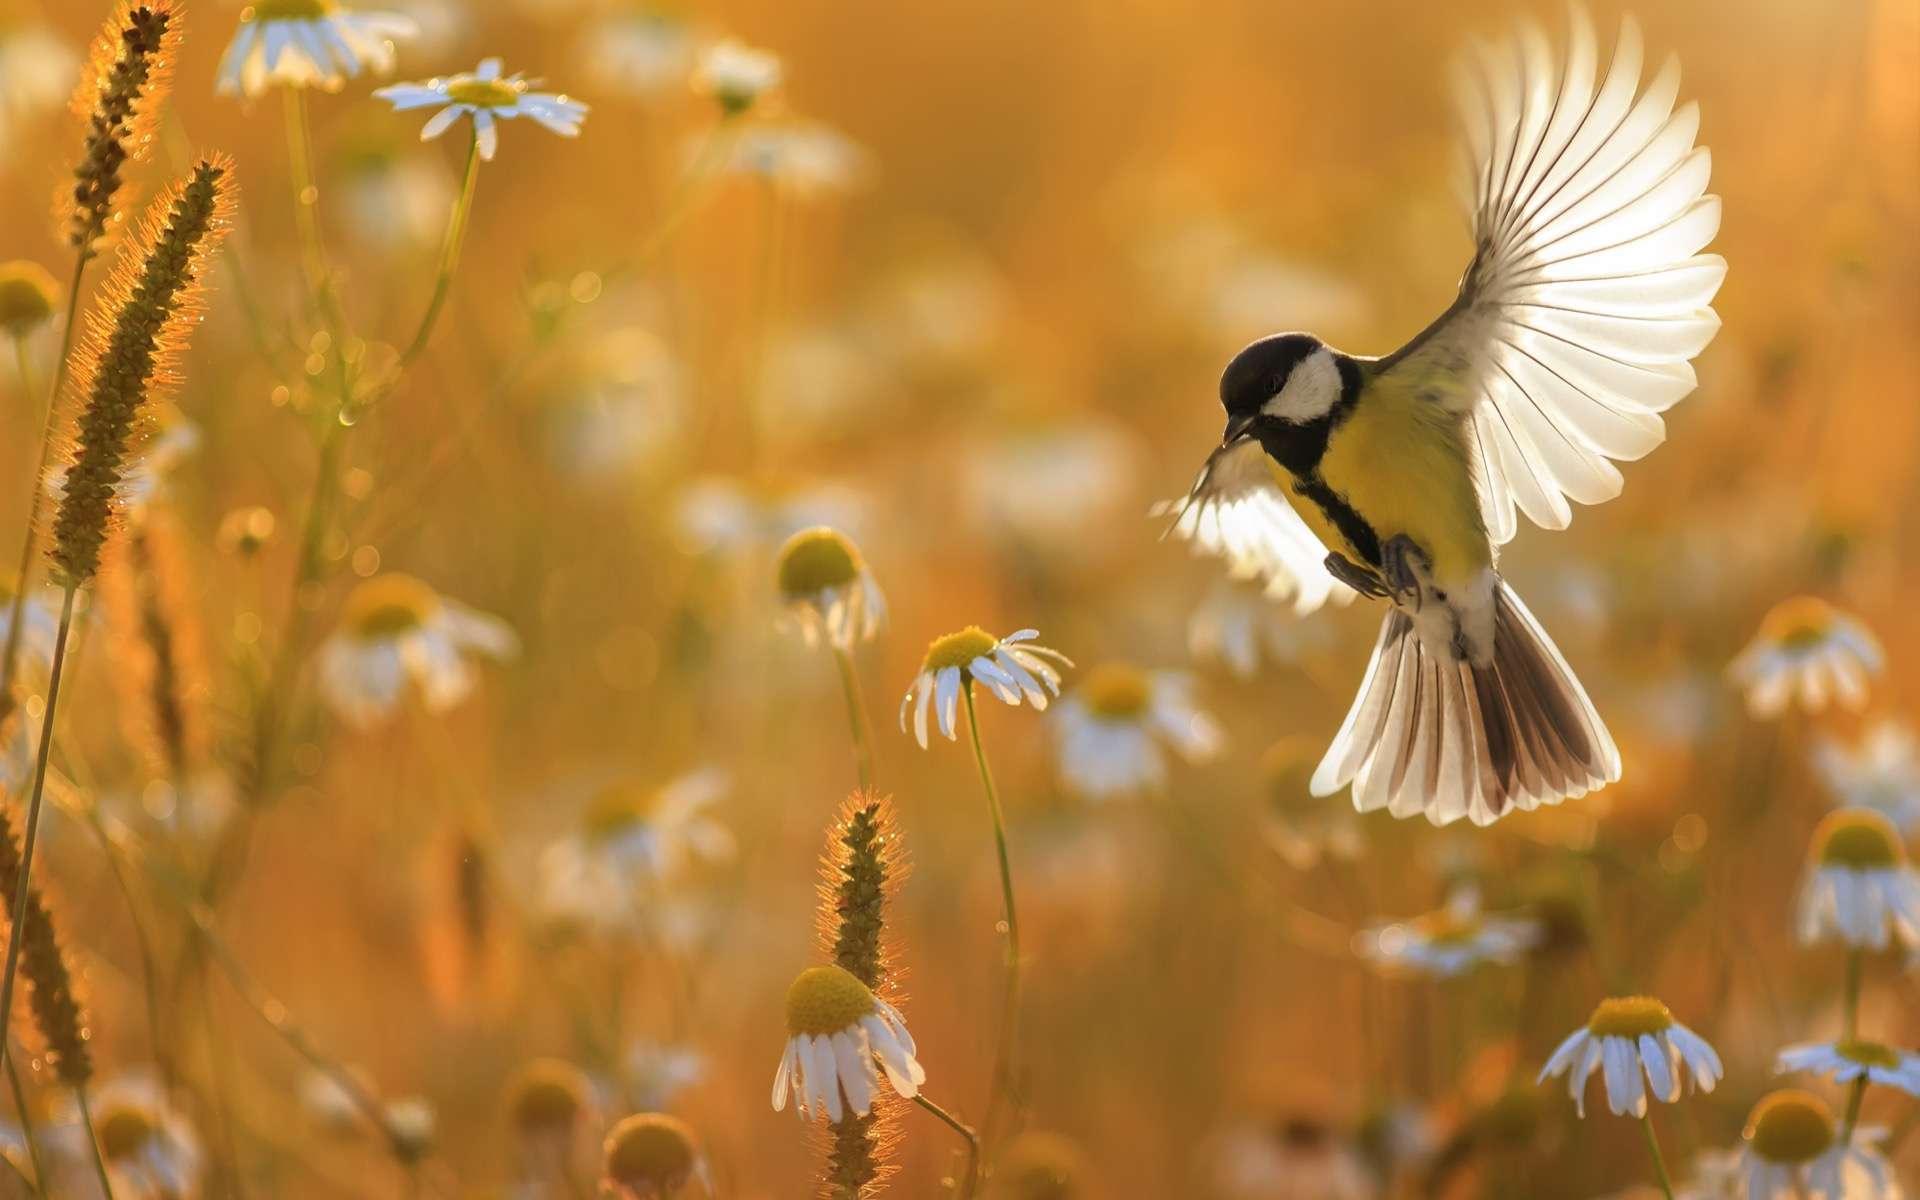 La situation de la faune et de la flore sauvages s'est dégradée en 13 ans en France. © Nataba, Adobe stock